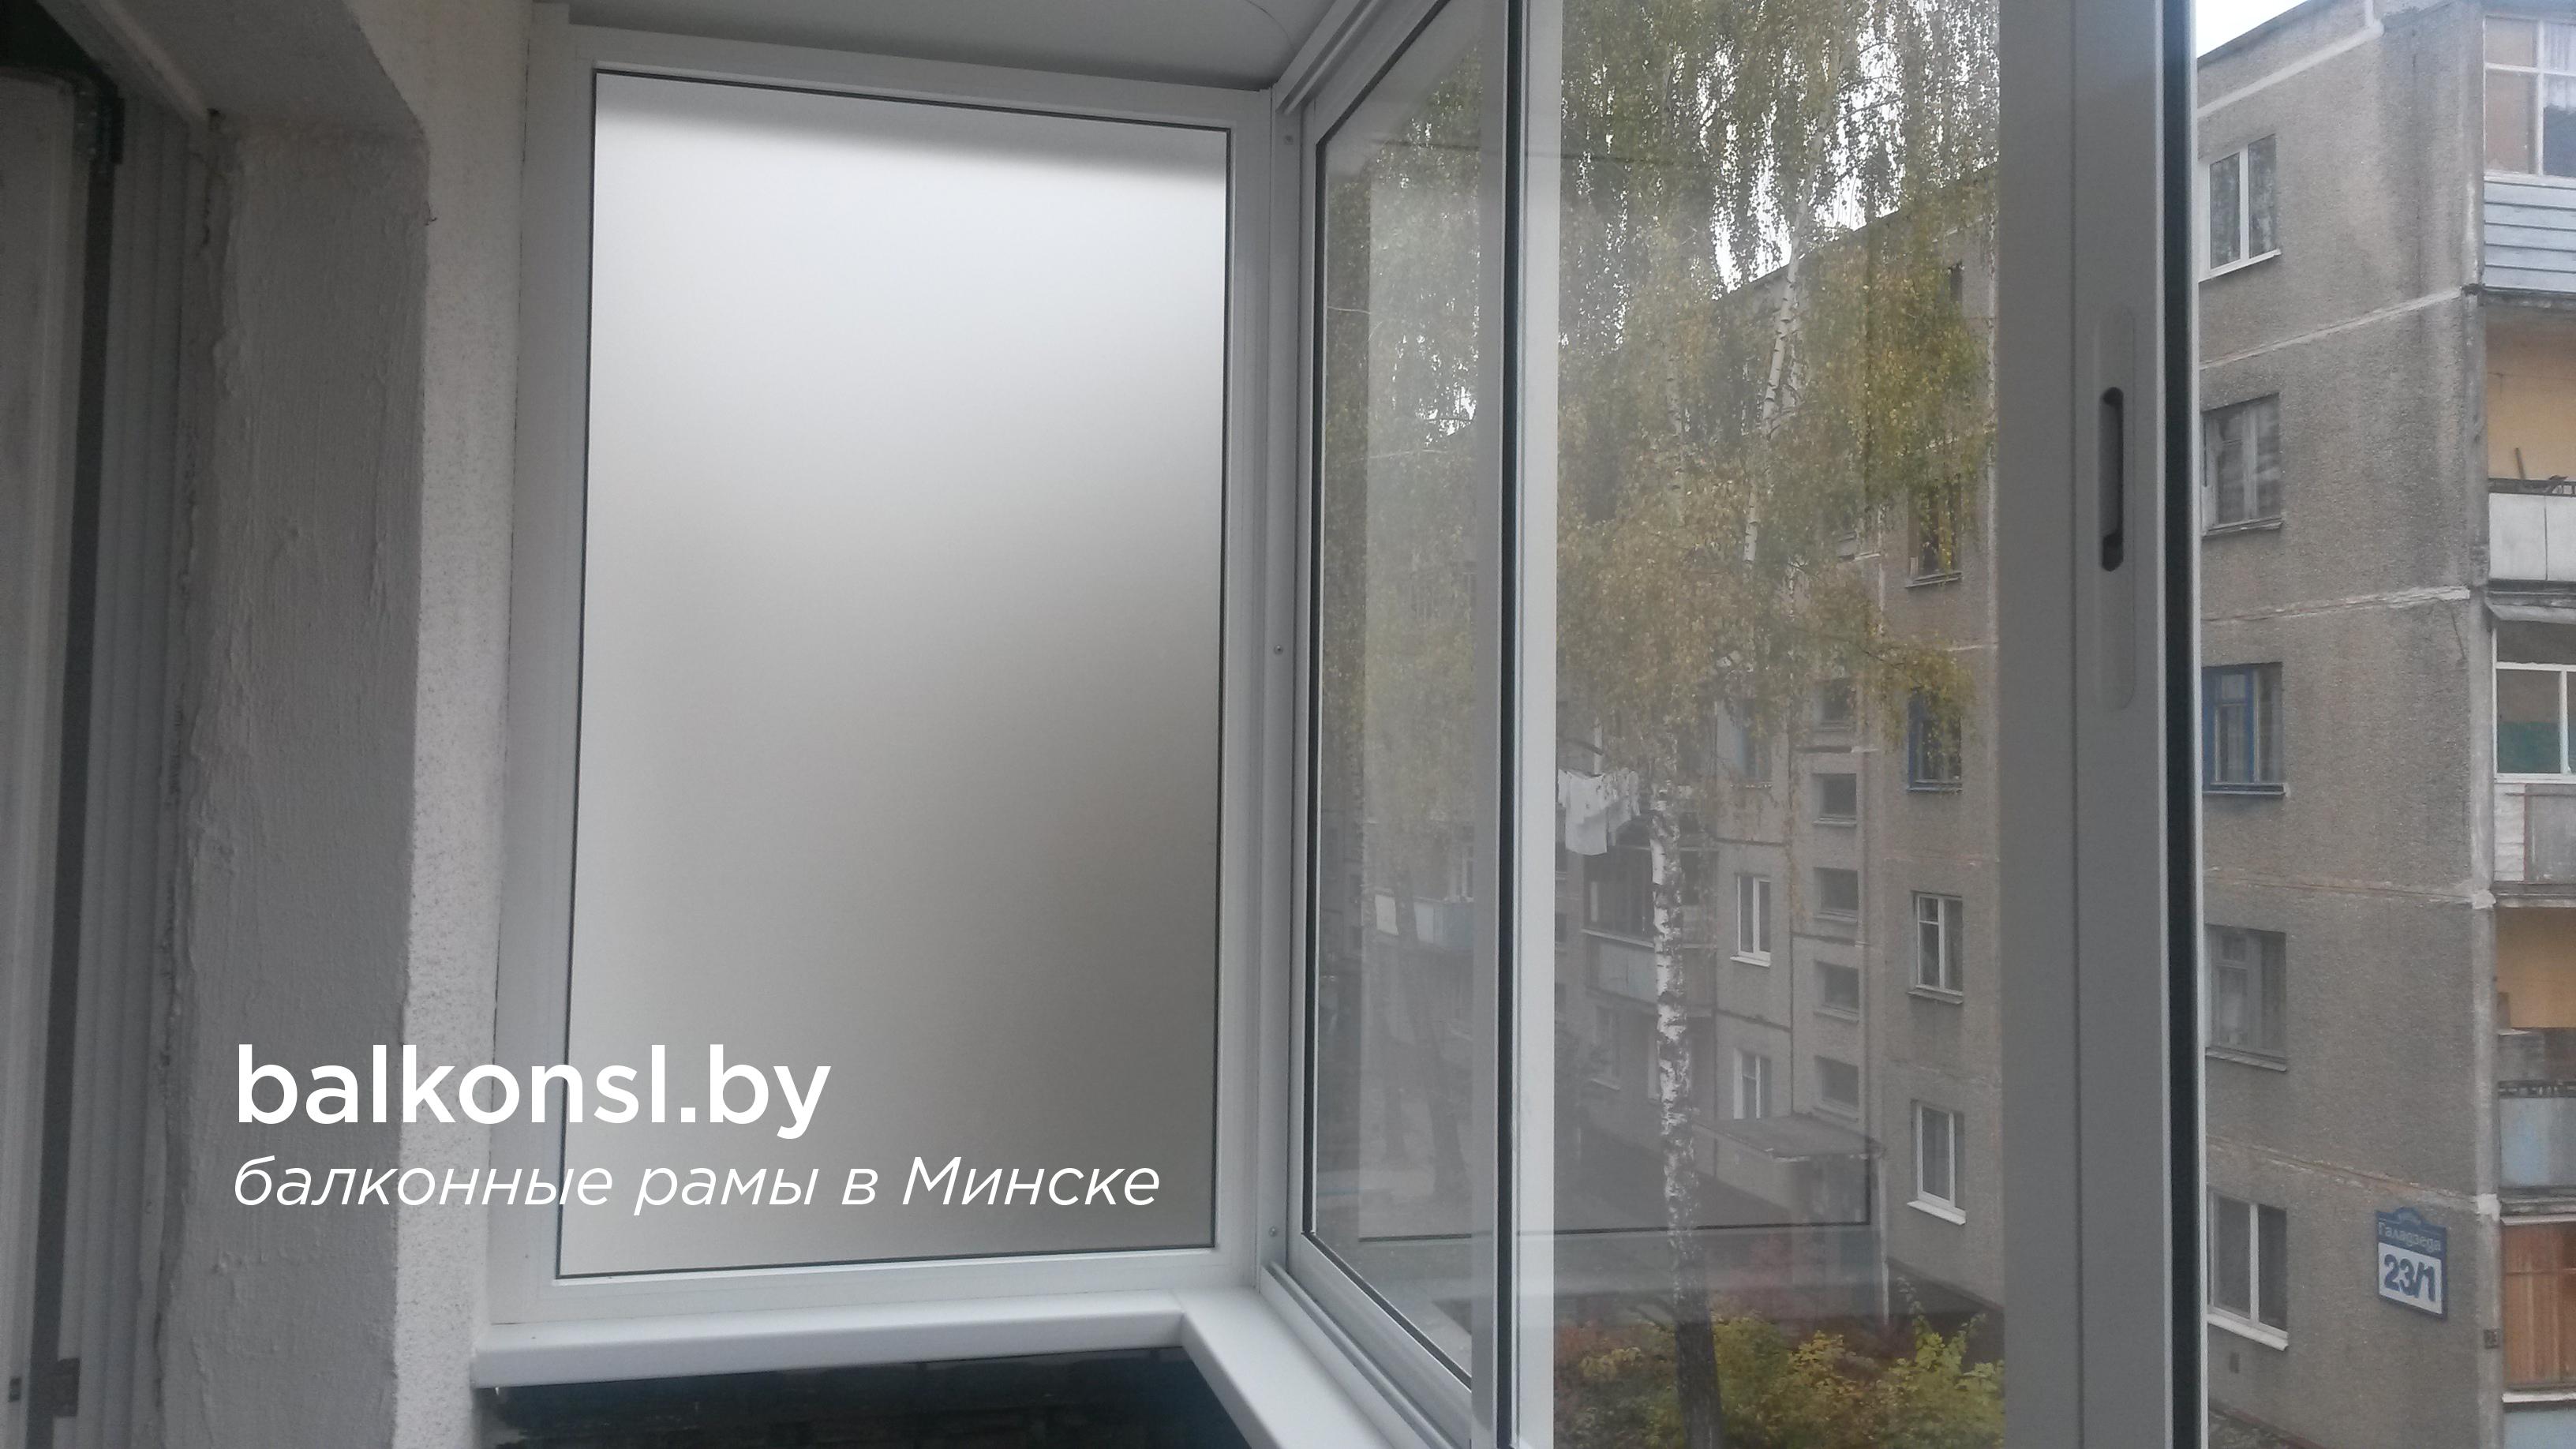 Алюминиевые балконные рамы объявление 79034029.